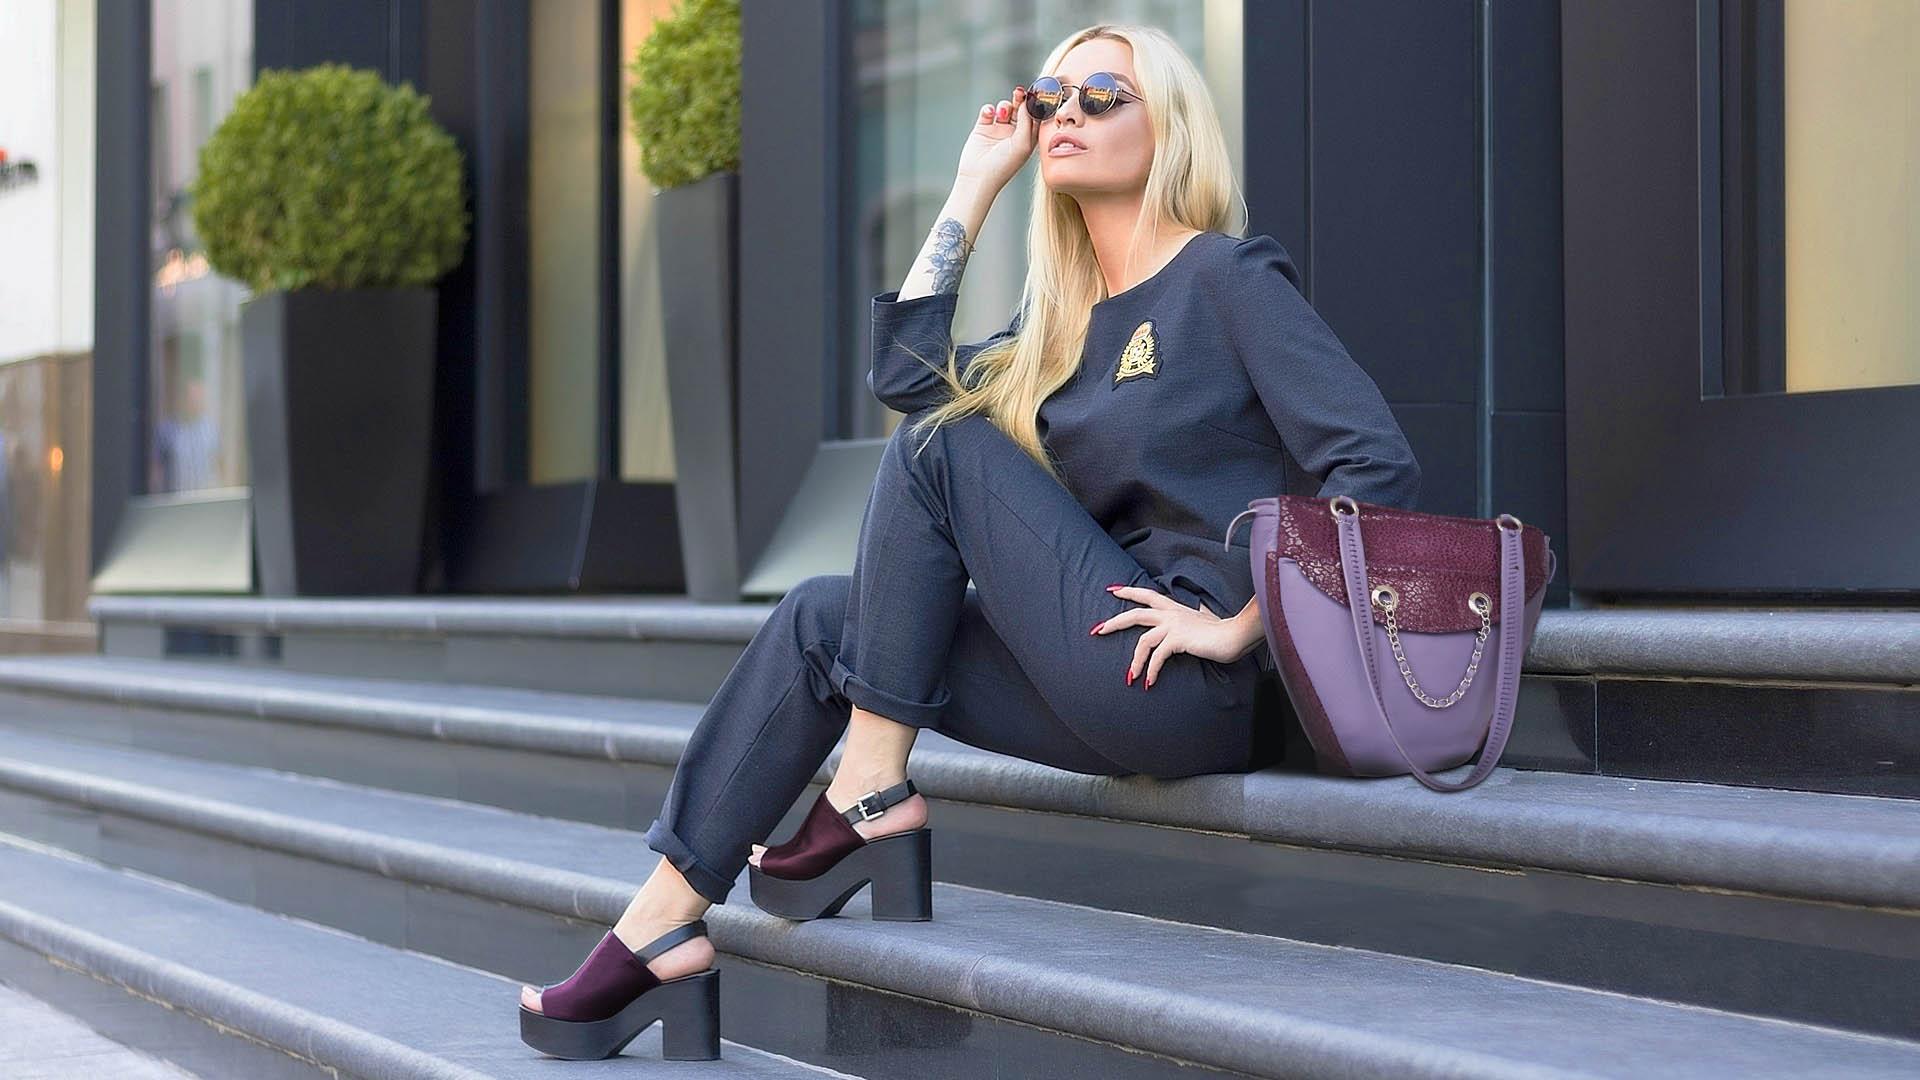 fashion bag designer by Qlare